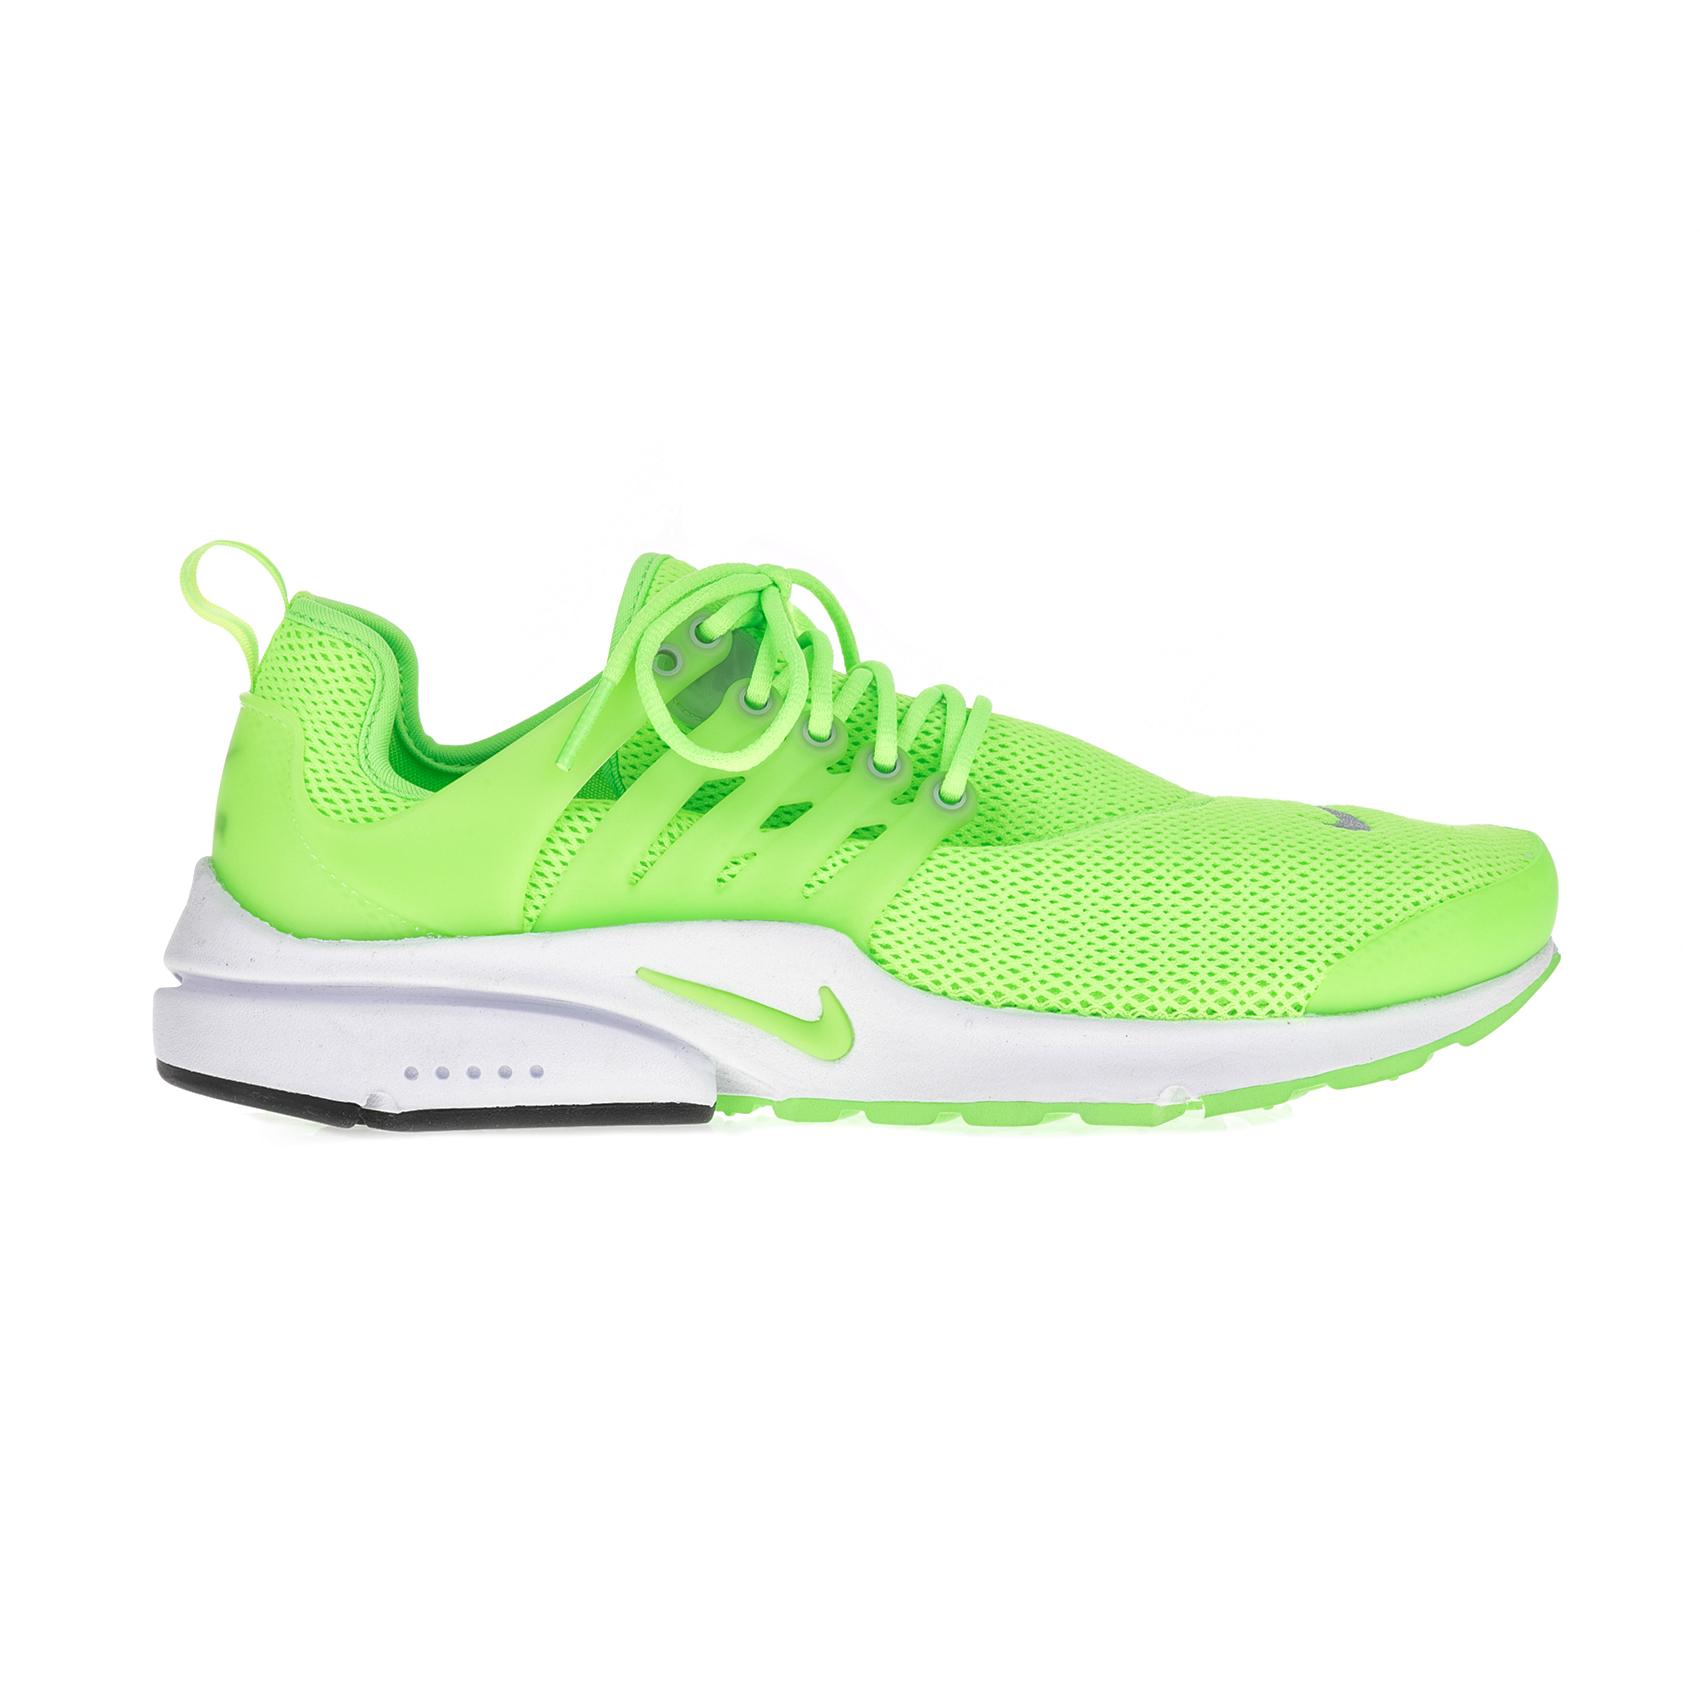 NIKE – Γυναικεία αθλητικά παπούτσια Nike AIR PRESTO κίτρινα